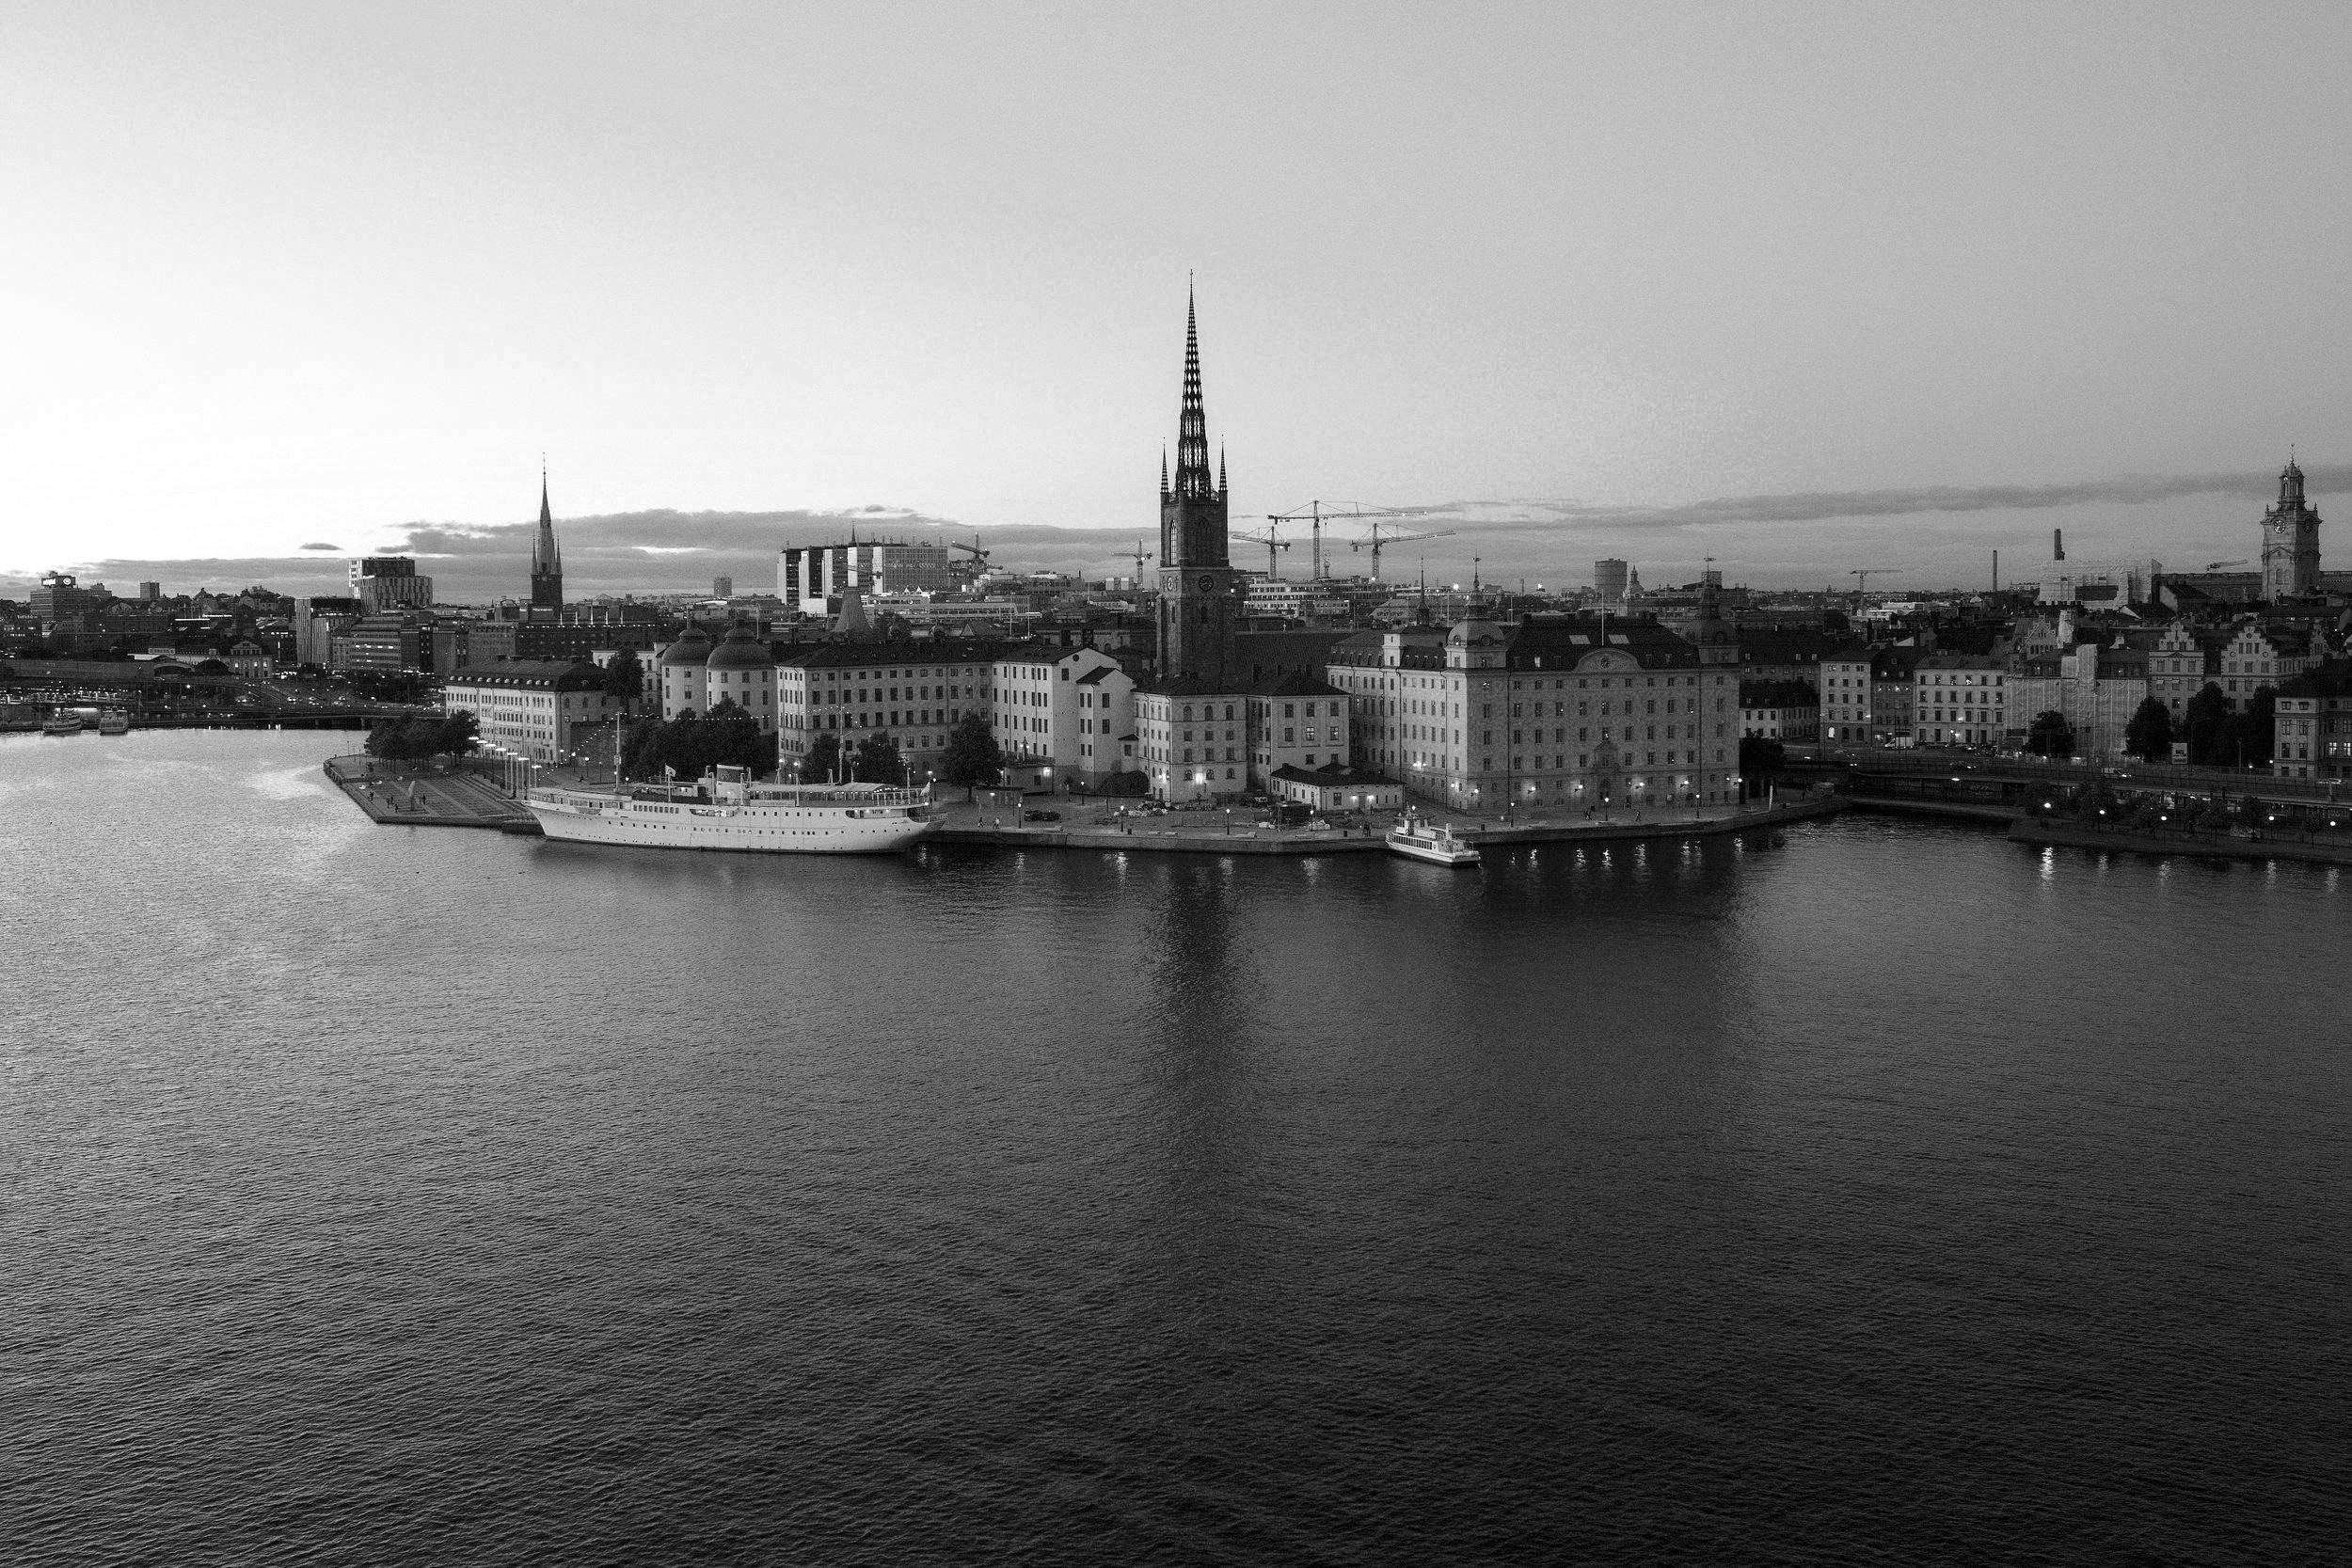 Stockholm, Sweden - Maria Skolgata 83118 53 StockholmSweden+46 (0) 72 350 3676